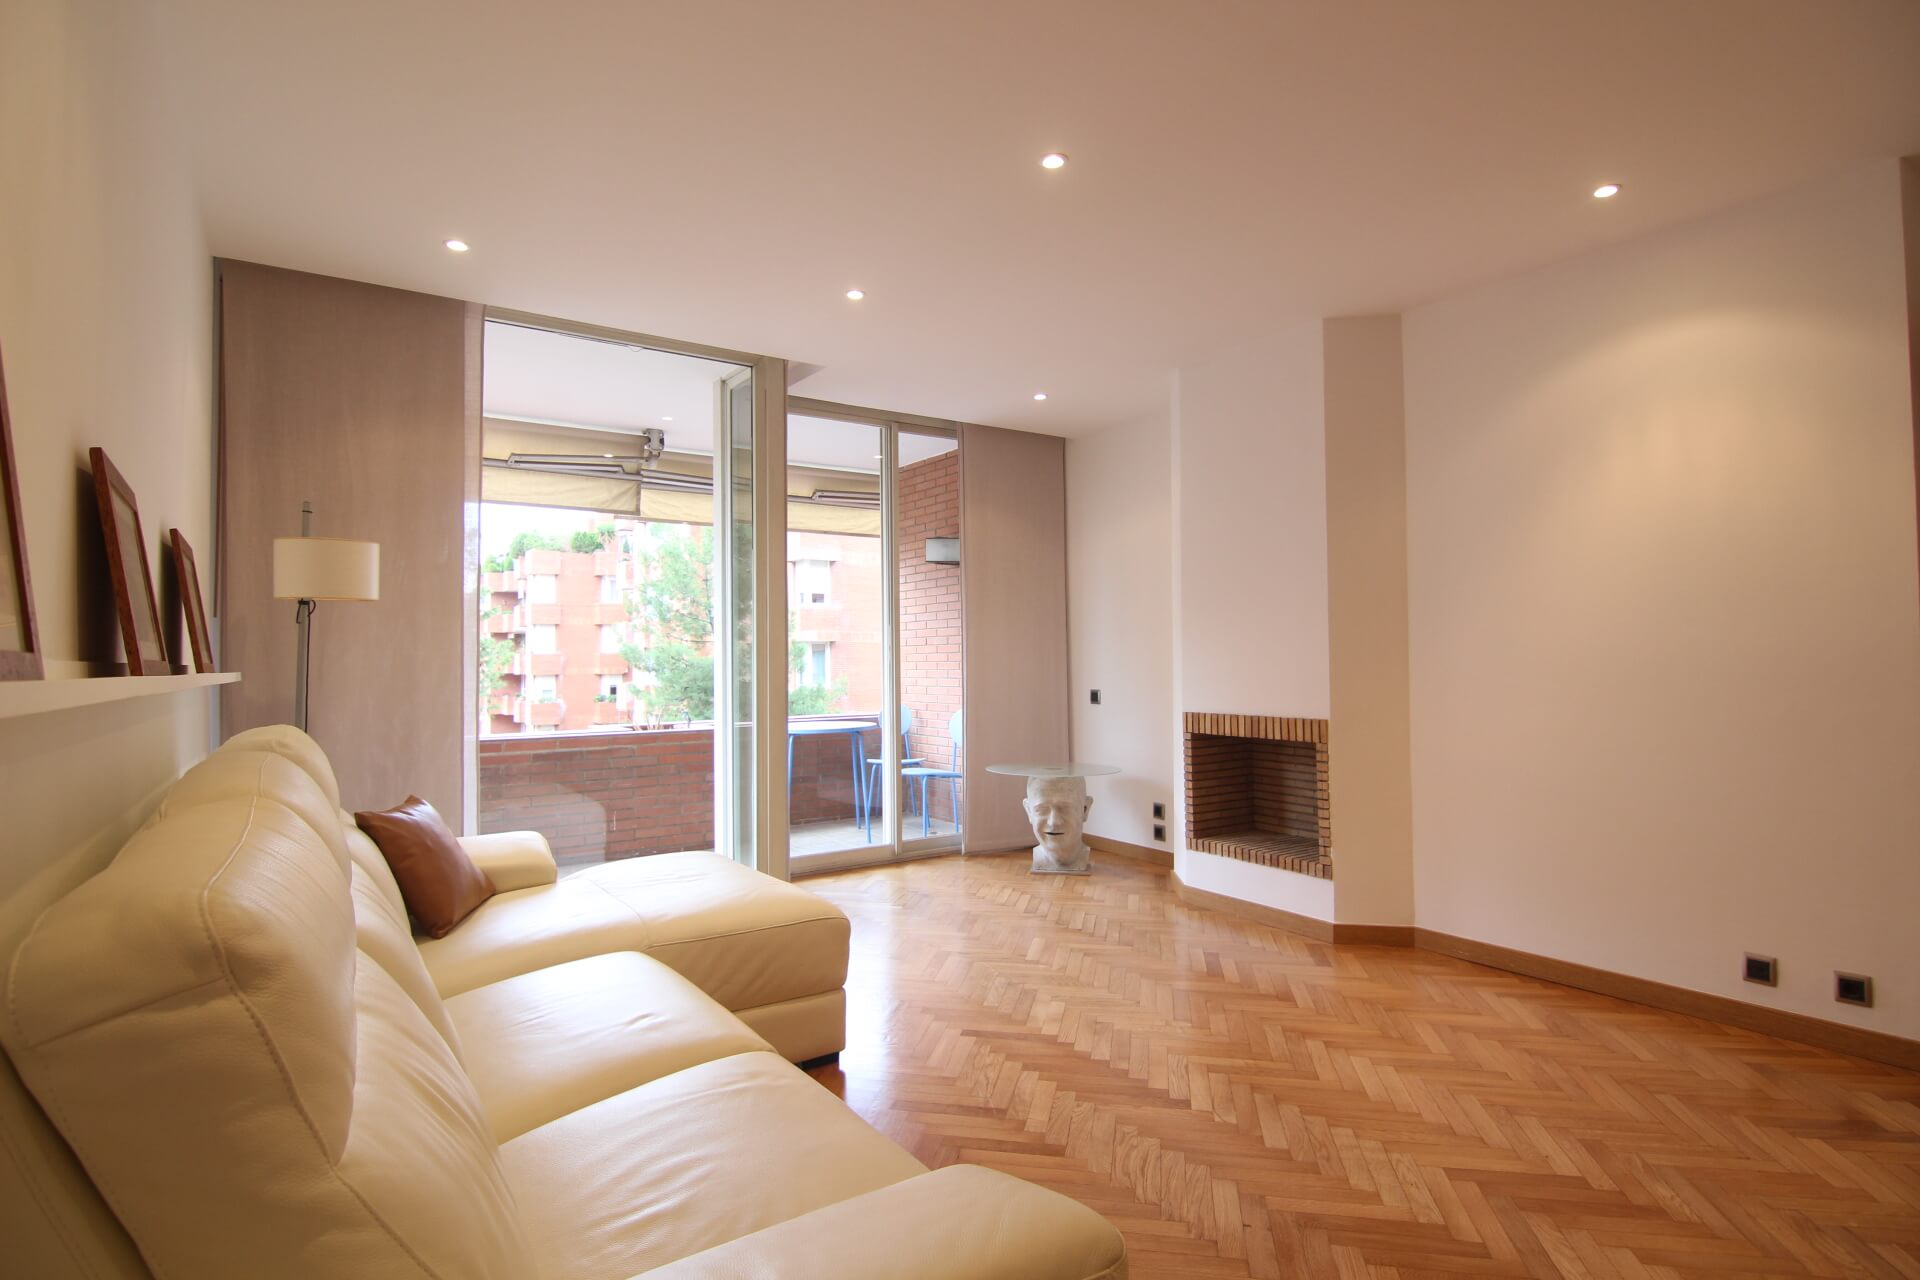 C/ Francesc Carbonell 5 habitaciones